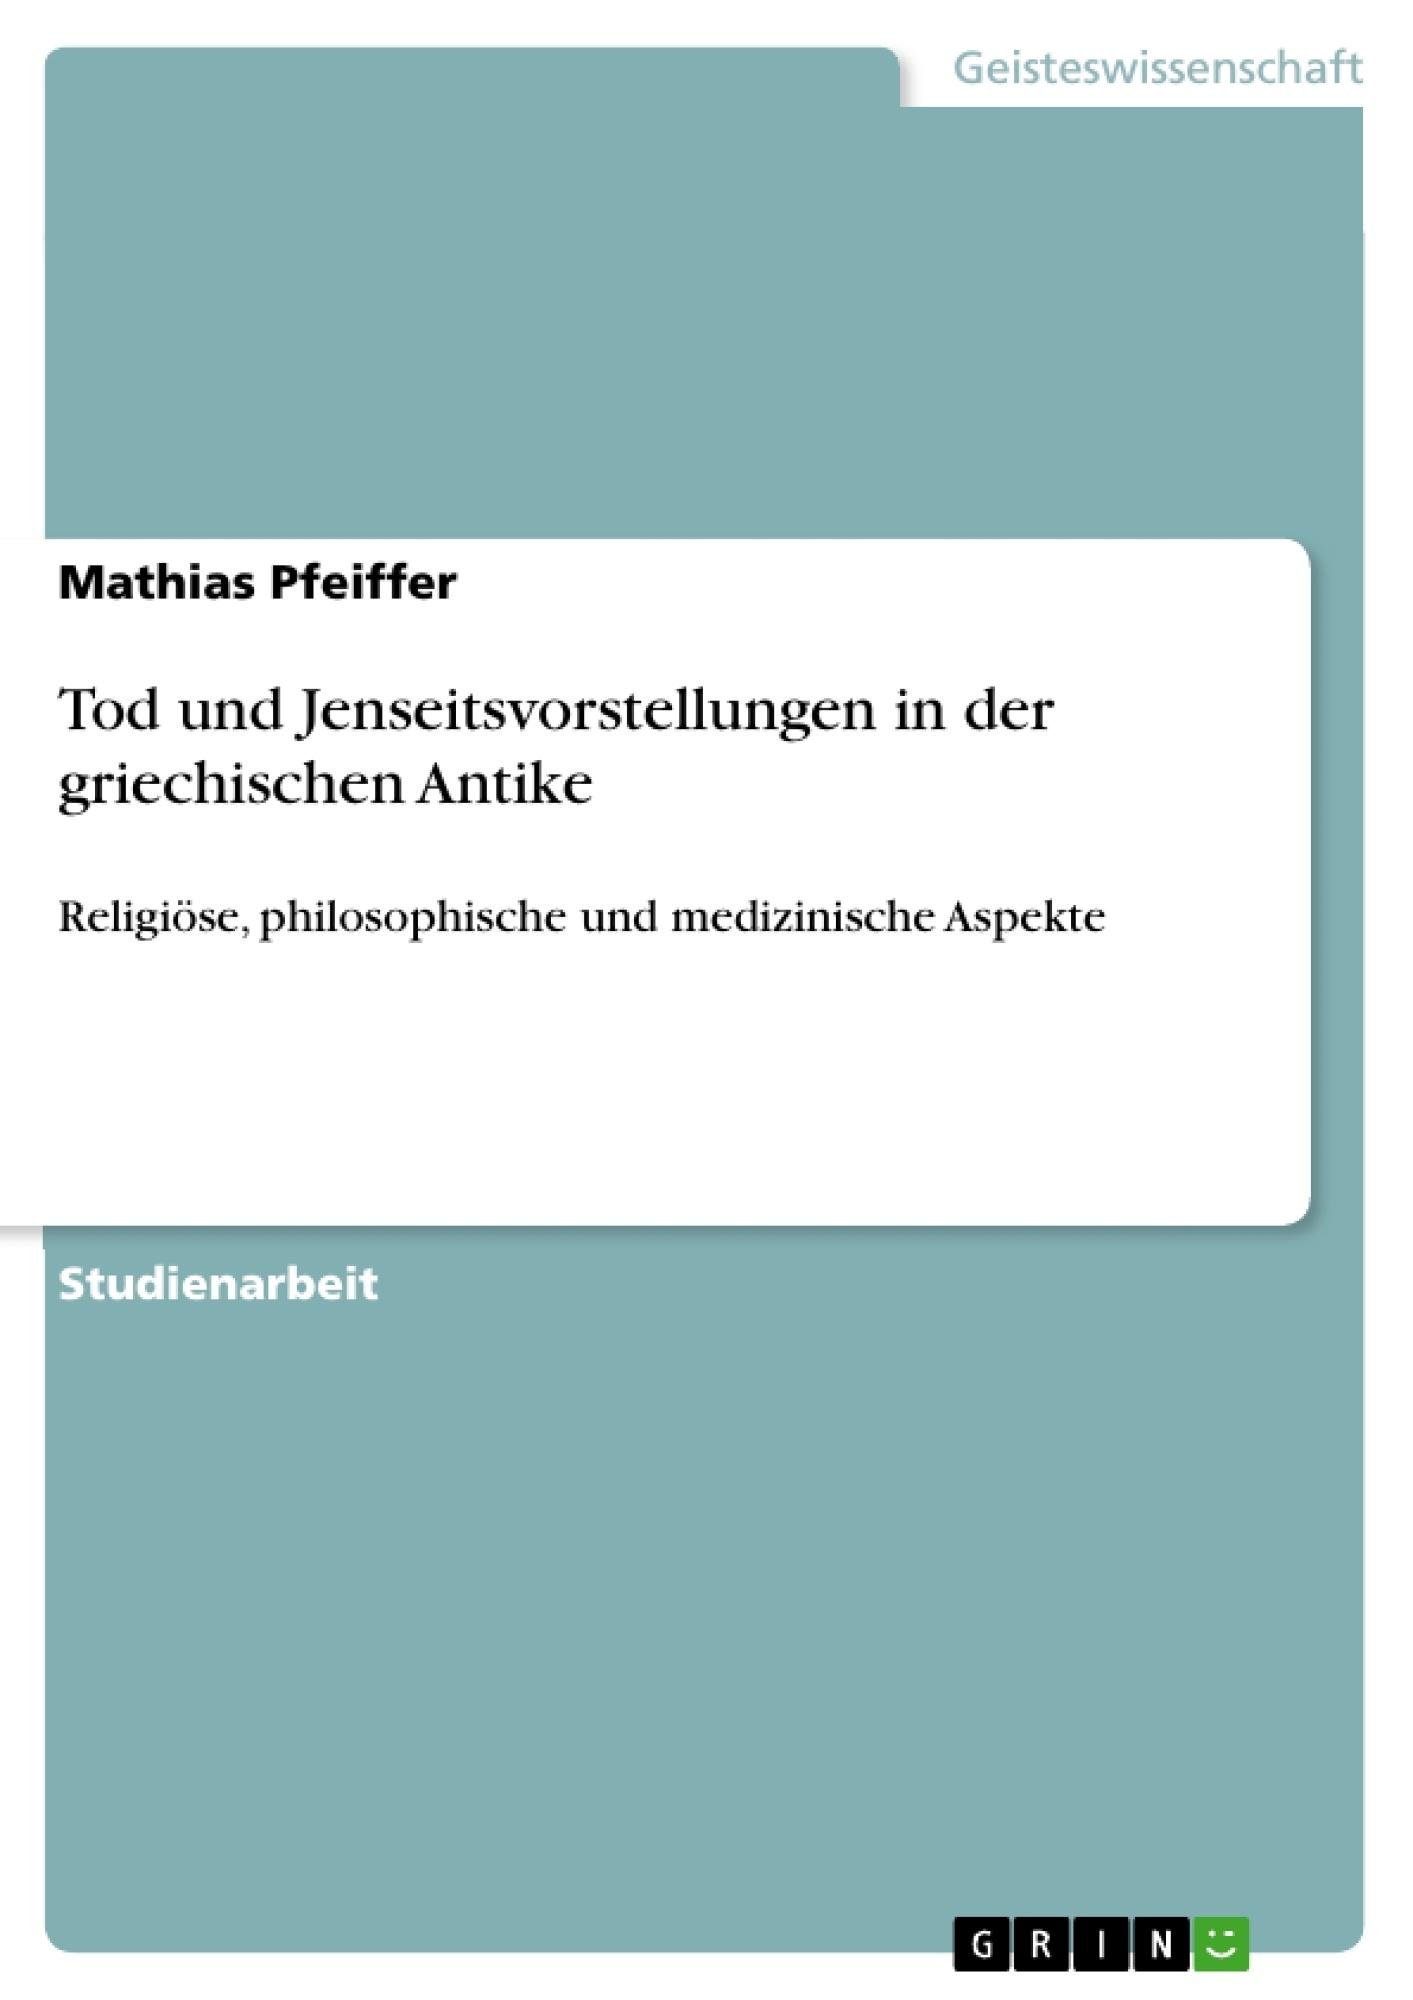 Titel: Tod und Jenseitsvorstellungen in der griechischen Antike